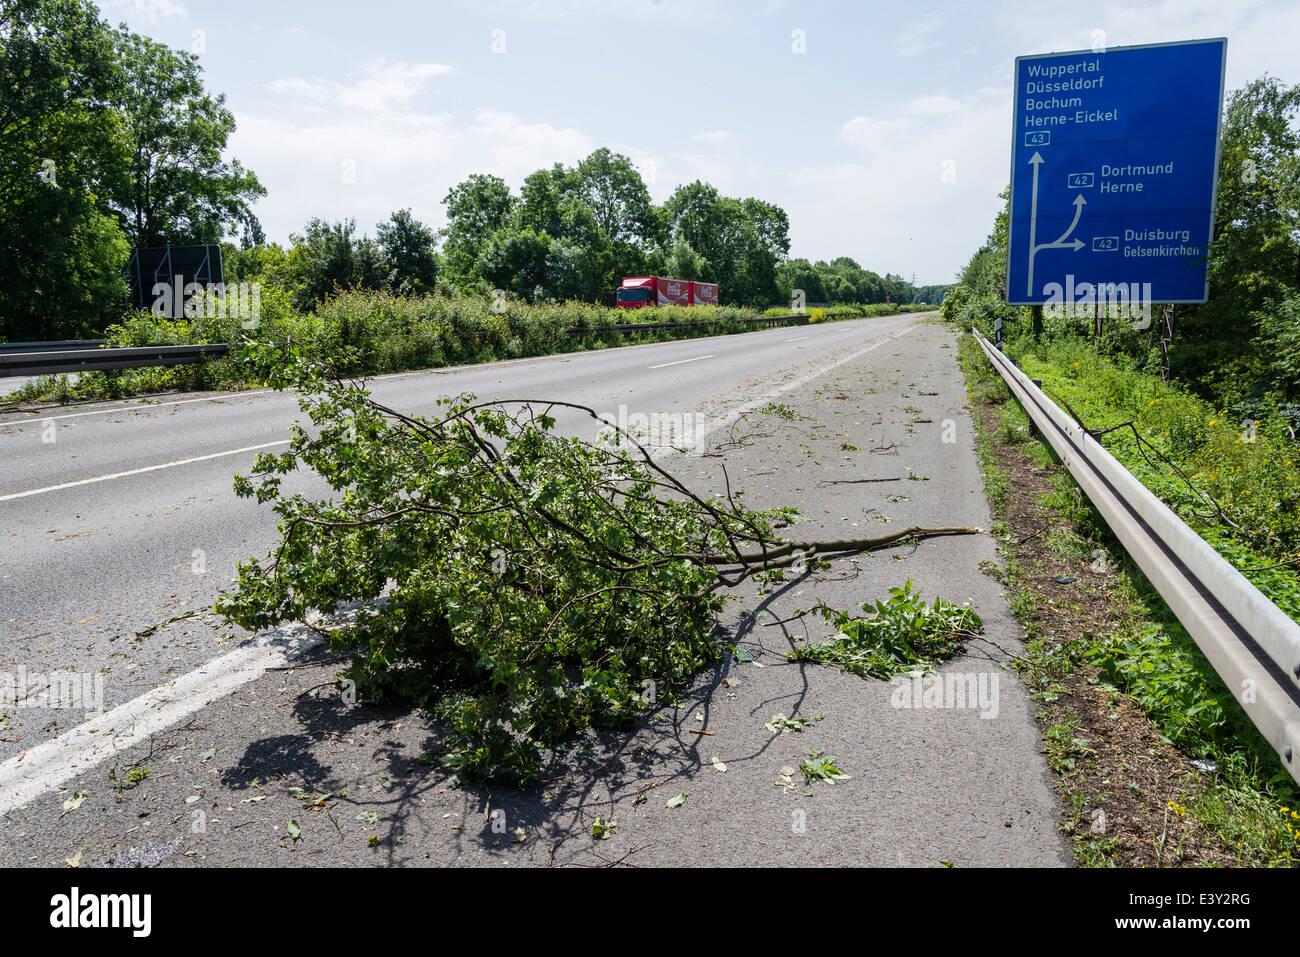 Las ramas caídas sentar en la autopista A43 en Herne, área de Ruhr, Alemania Occidental, después de la severa frente de tormenta Ela Foto de stock